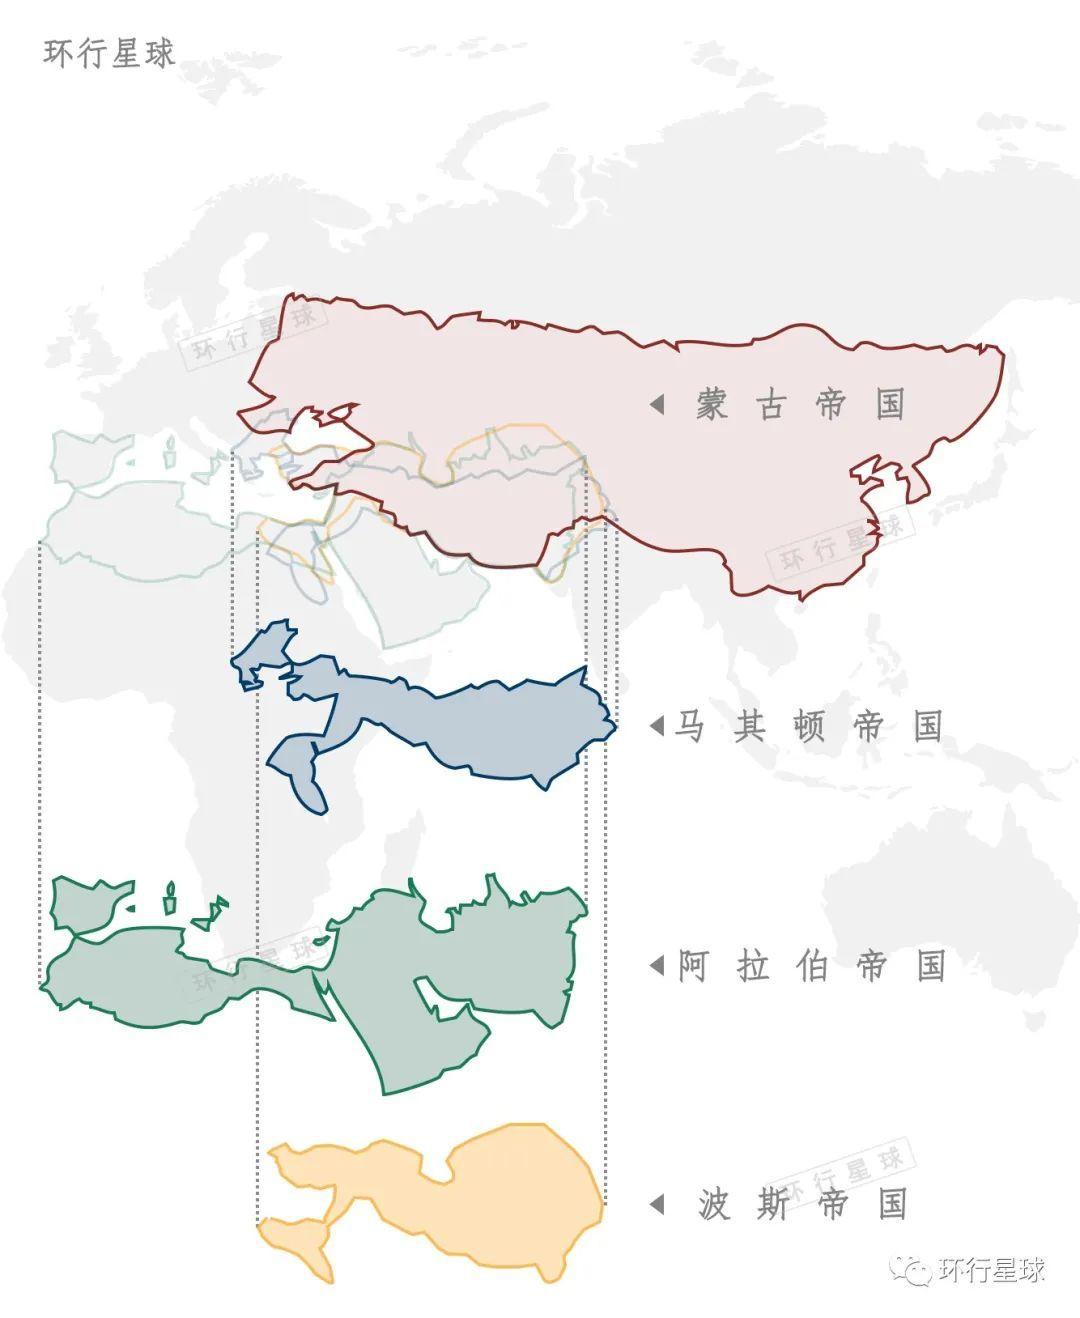 历史上众多超大帝国都促进了区域交流 蒙古帝国是其中最大之一